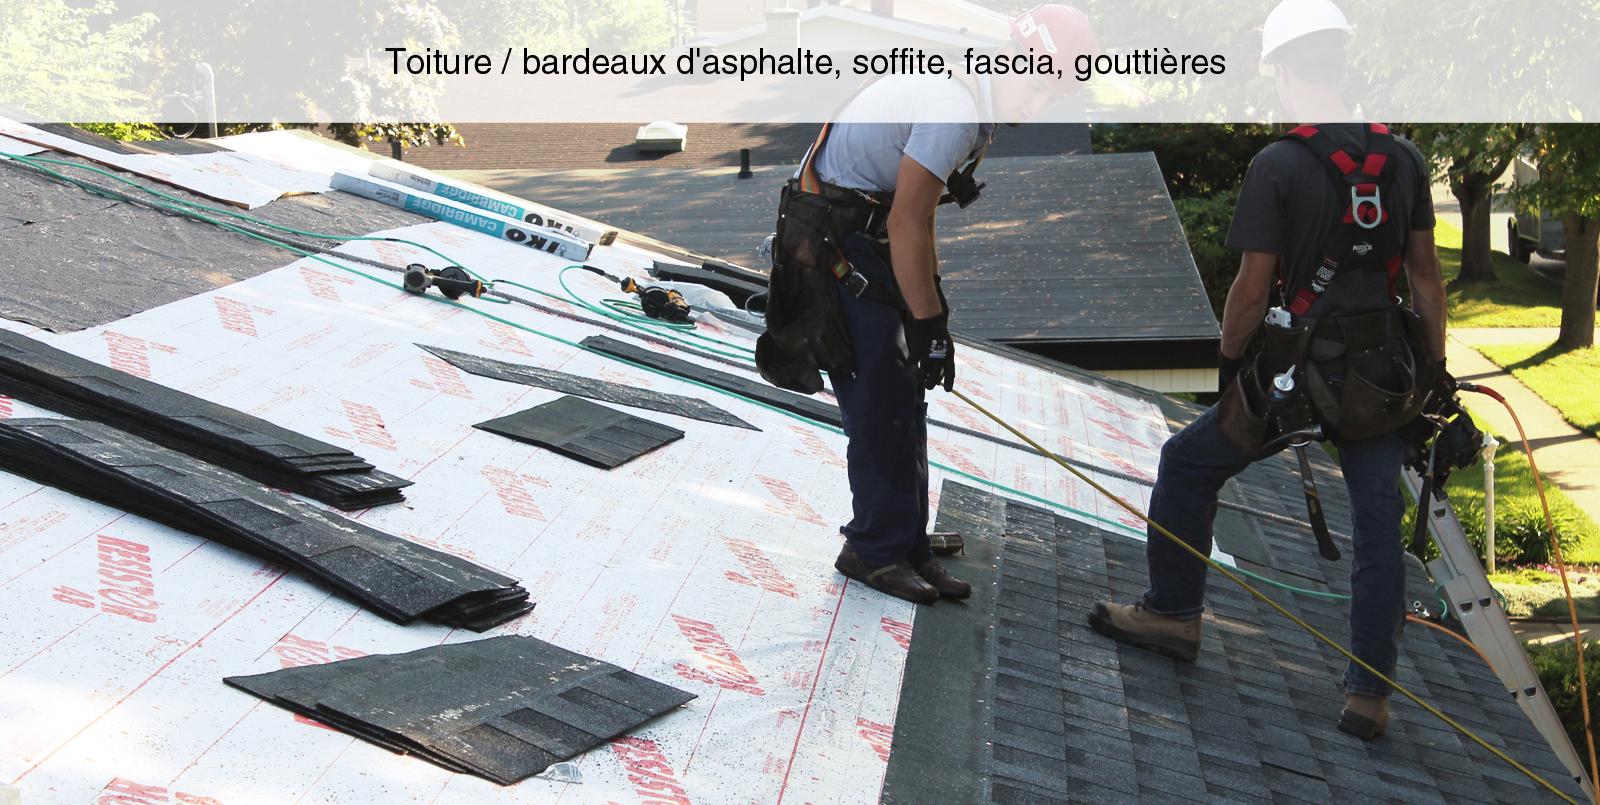 55-1-PANACHE-CONSTRUCTION-RENOVATION-TOITURE-BARDEAUX-ASPHALTE